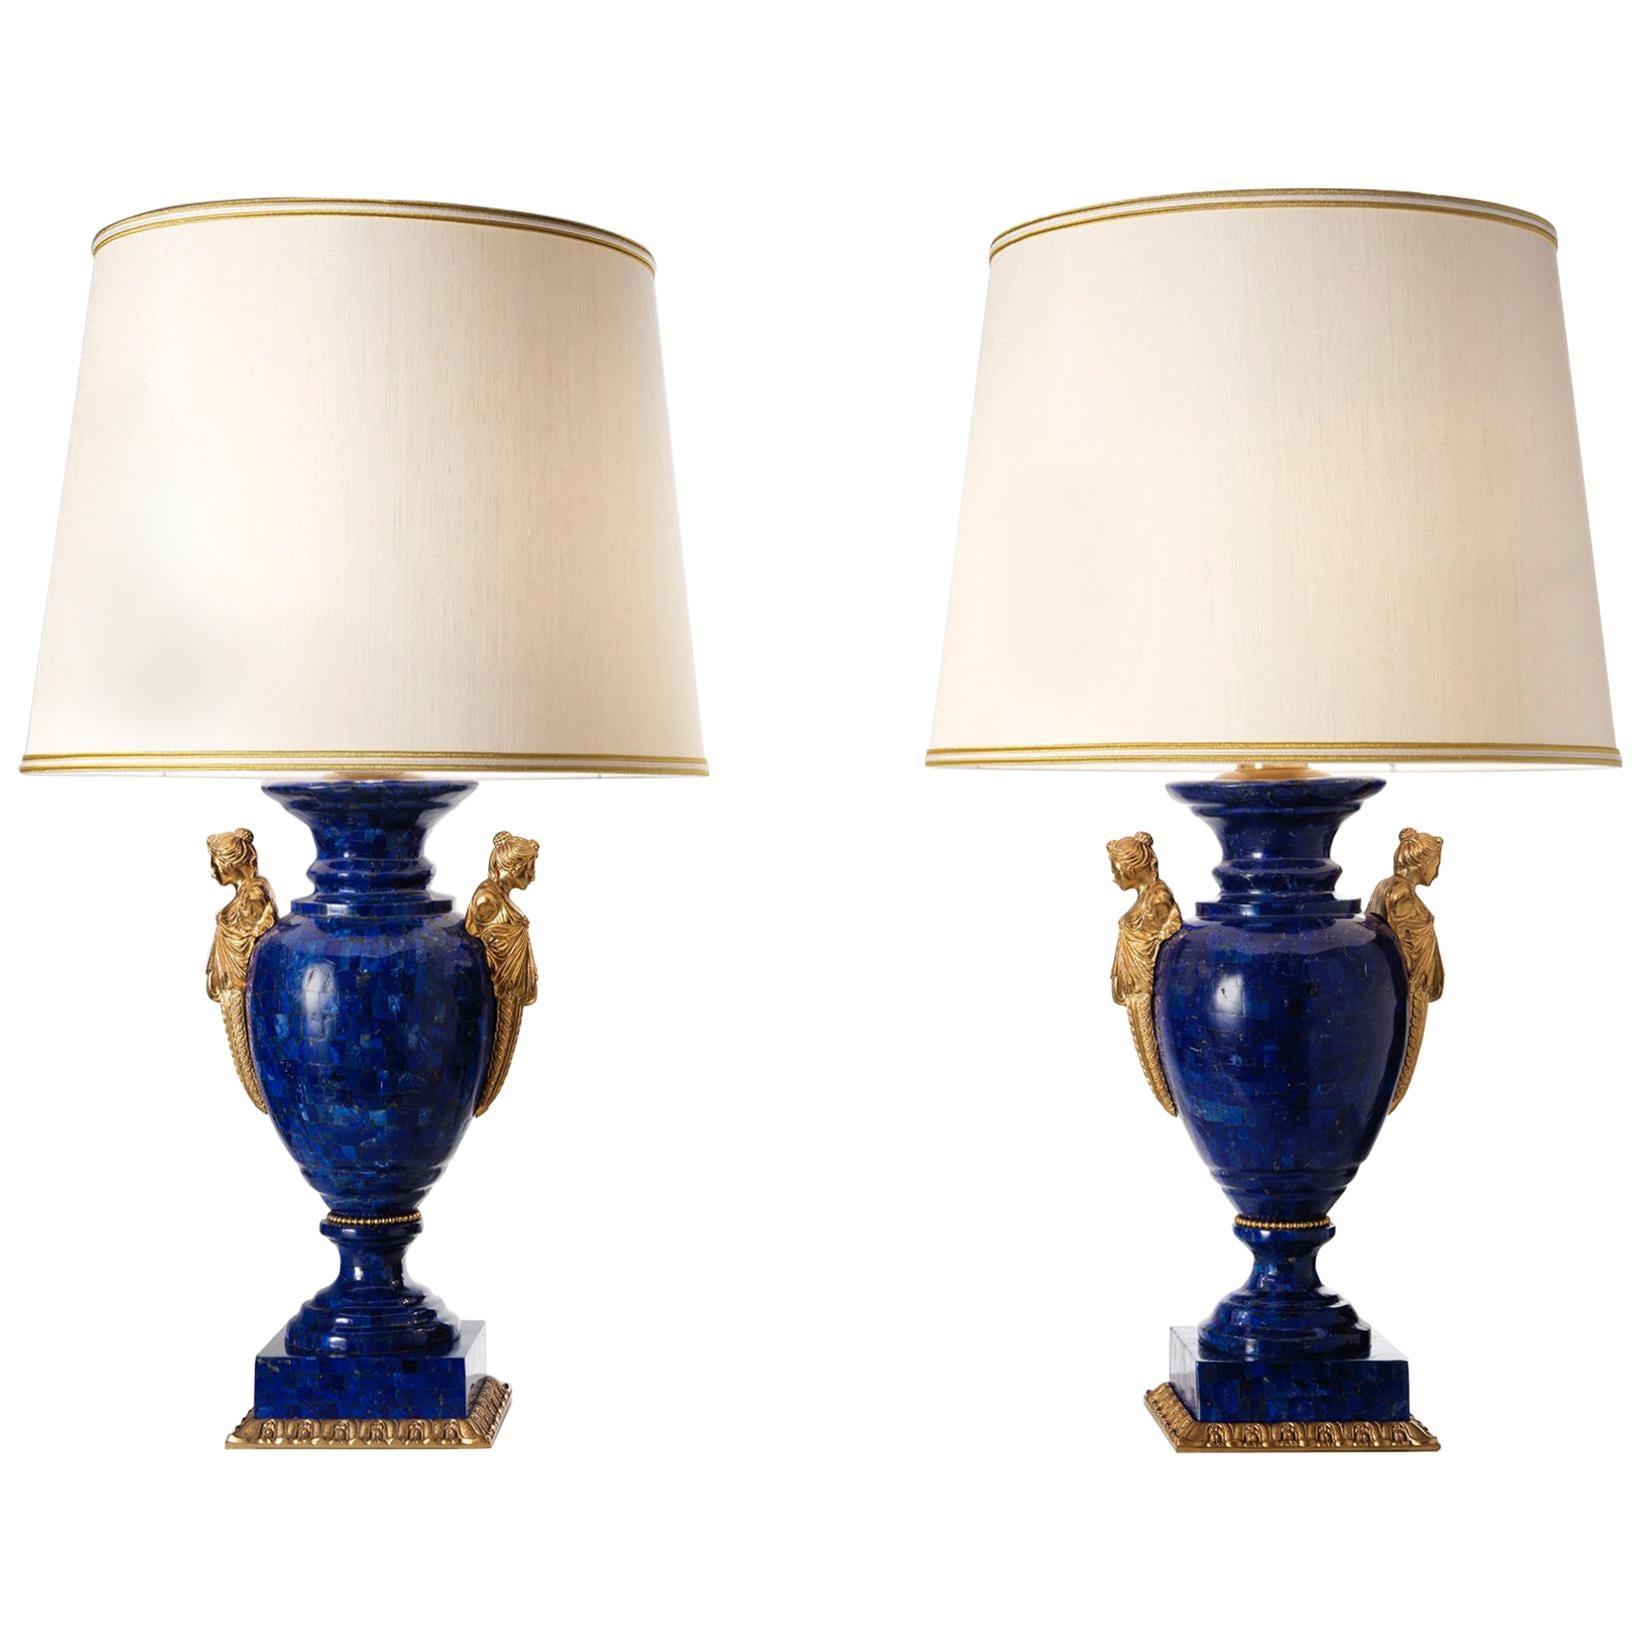 Neoclassical Style LapisLazuli and Bronze Vase Lamps by Gherardo Degli Albizzi